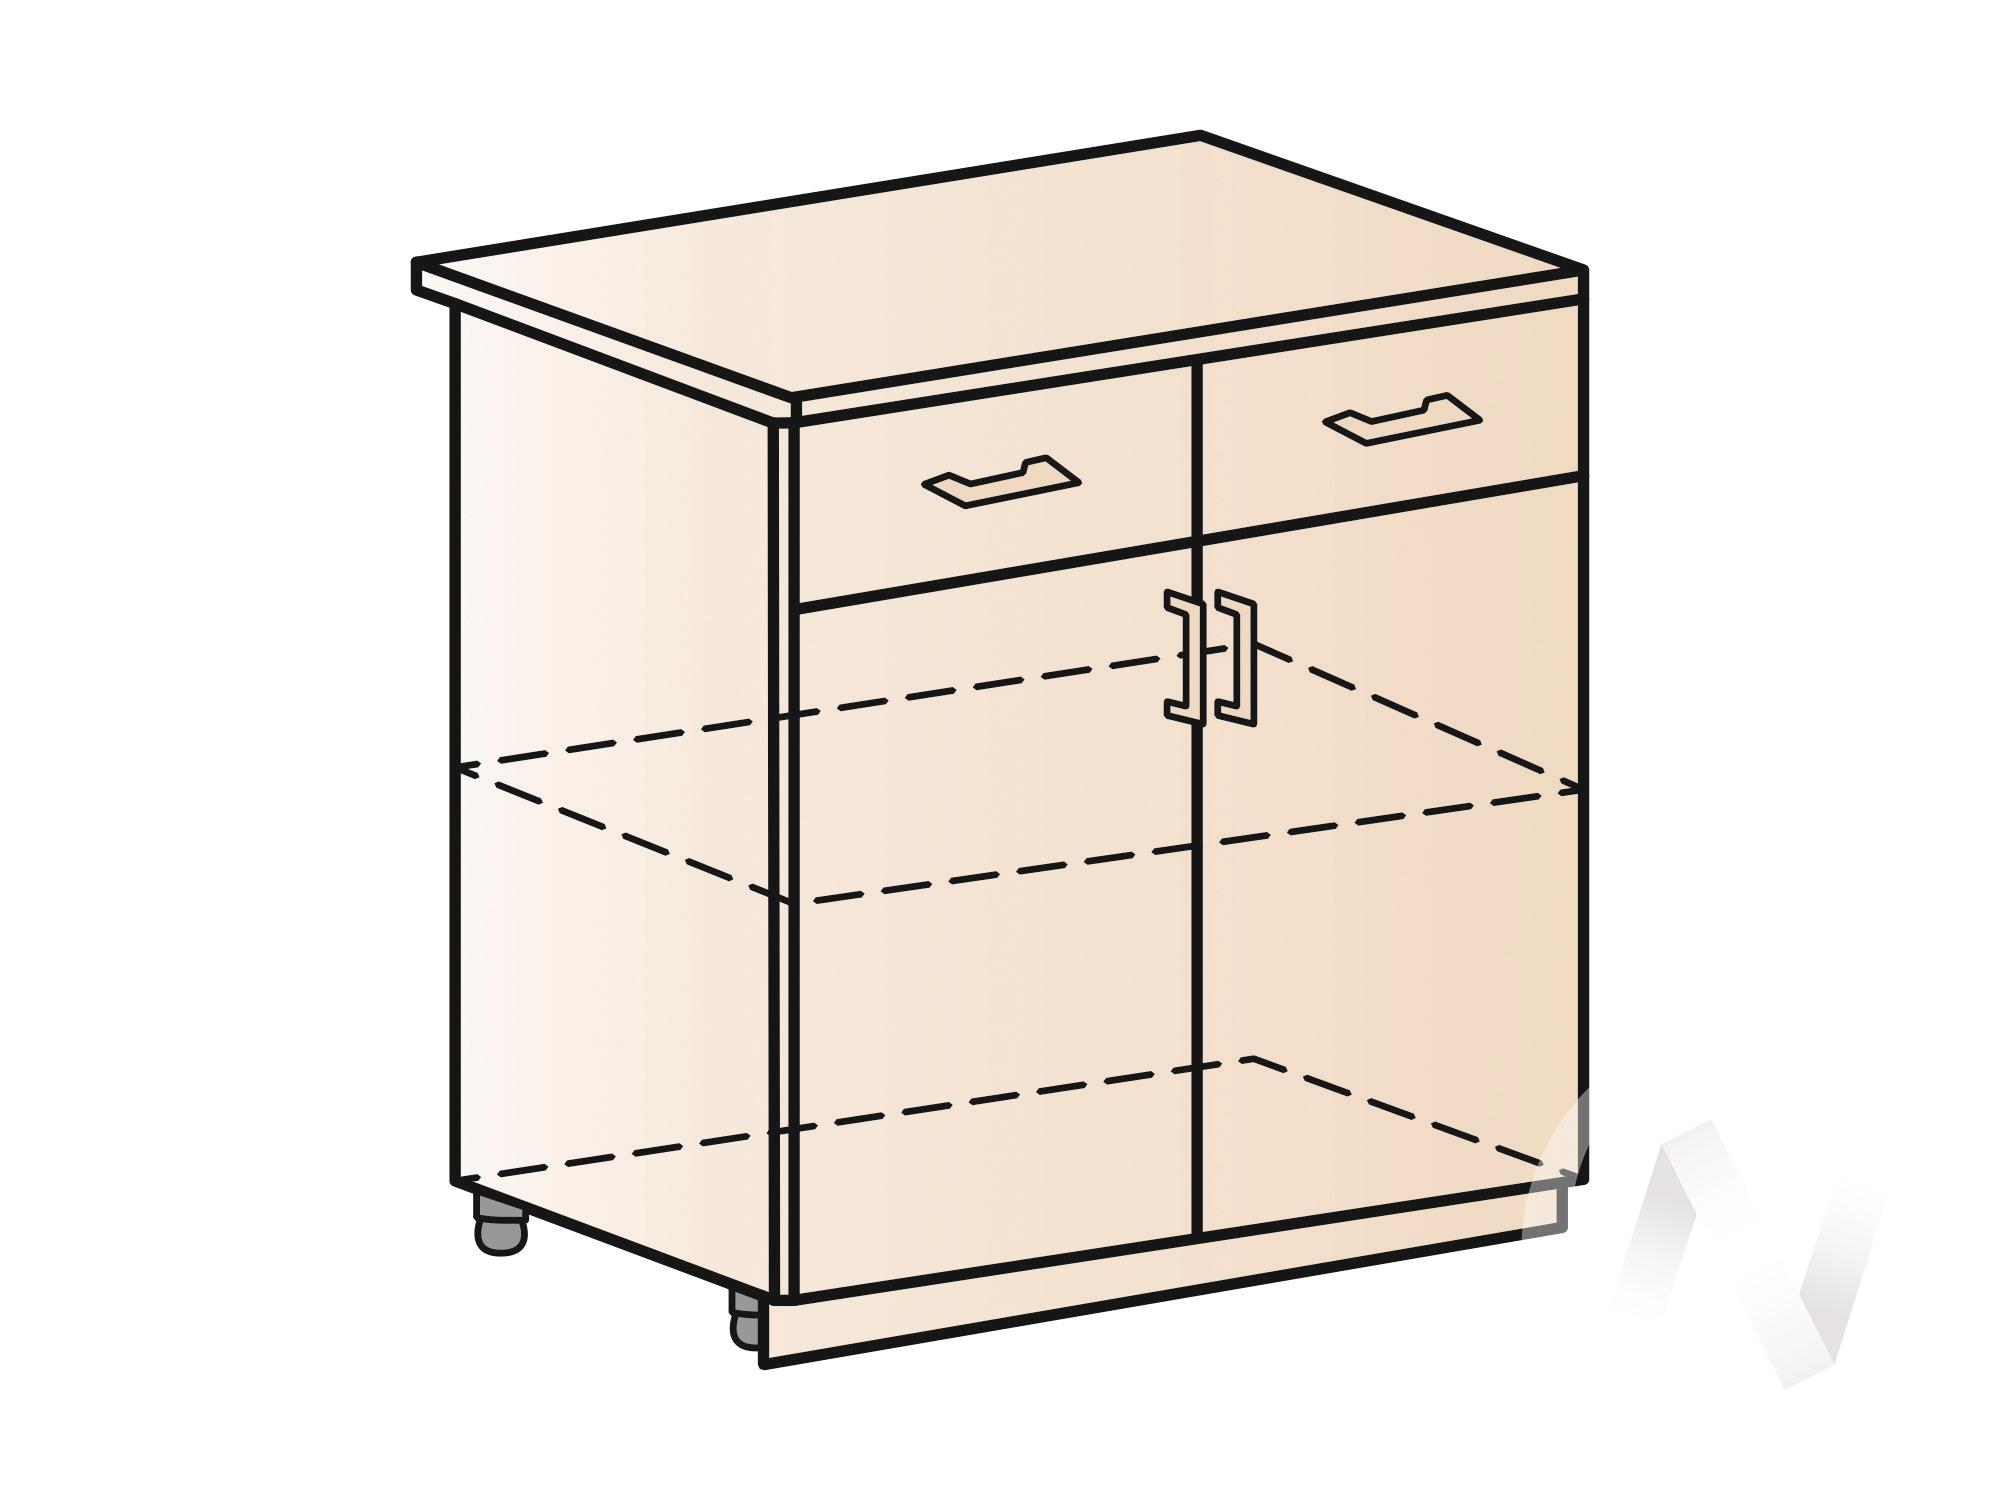 """Кухня """"Вена"""": Шкаф нижний с ящиками 800, ШН1Я 800 (корпус белый) в Новосибирске в интернет-магазине мебели kuhnya54.ru"""